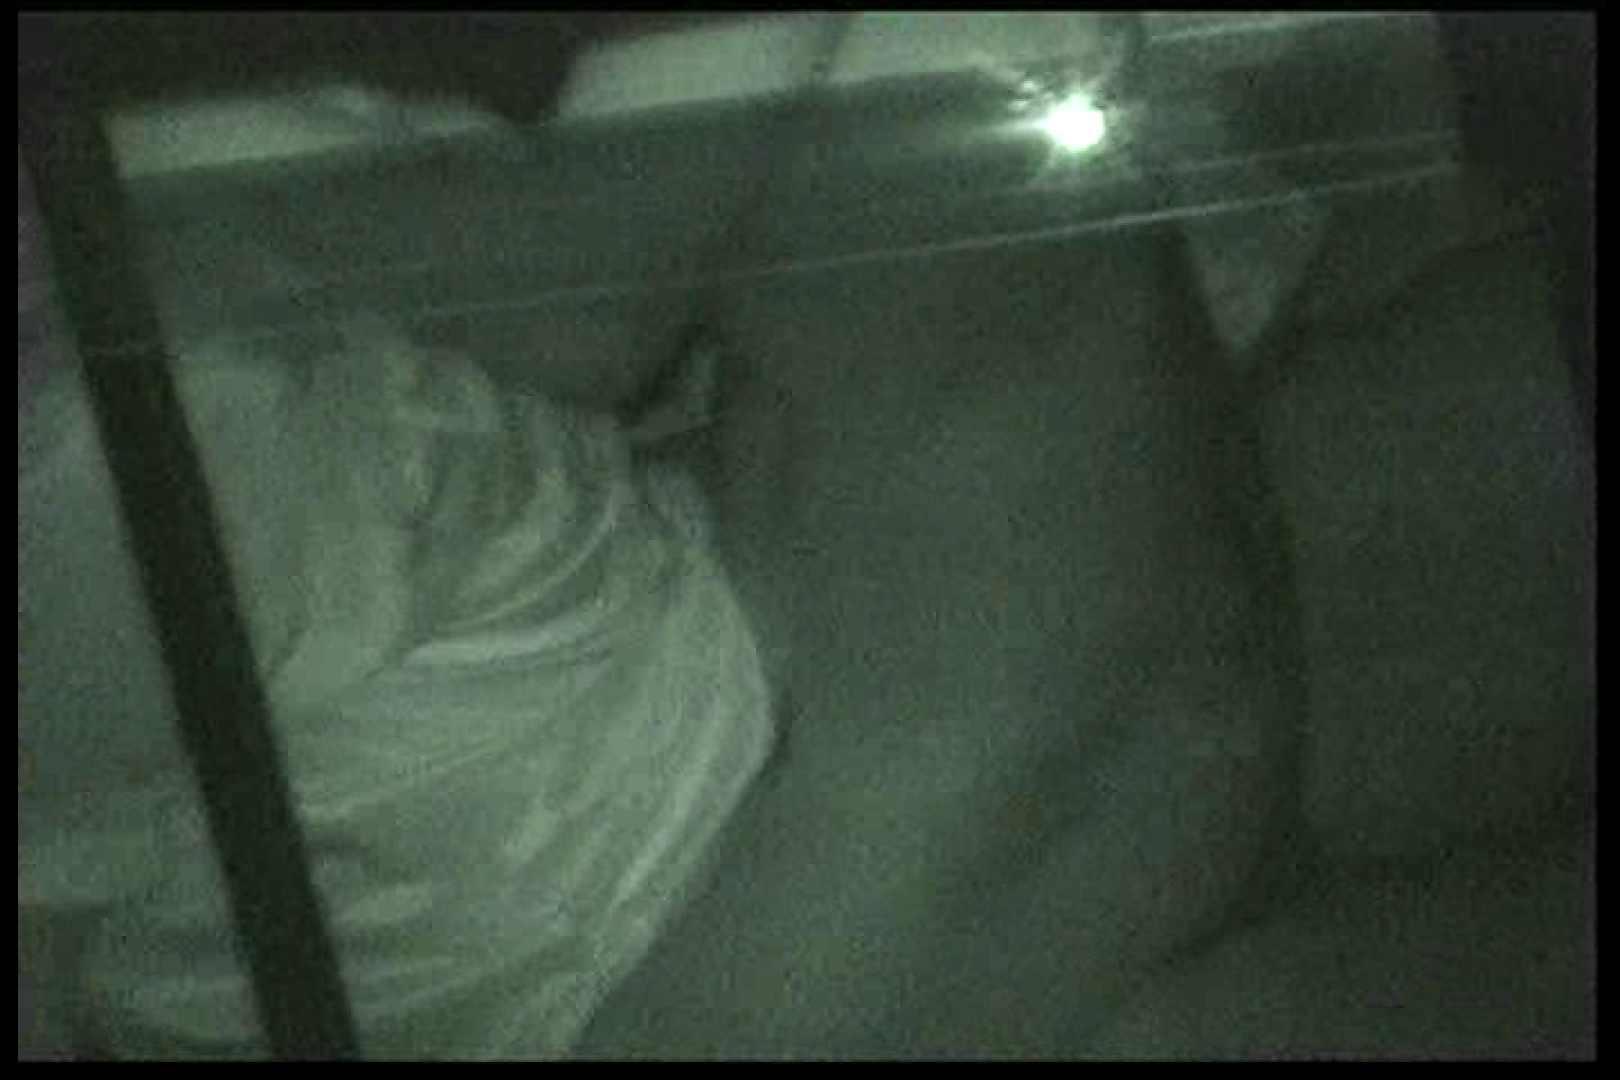 車の中はラブホテル 無修正版  Vol.13 赤外線 おめこ無修正動画無料 64画像 19